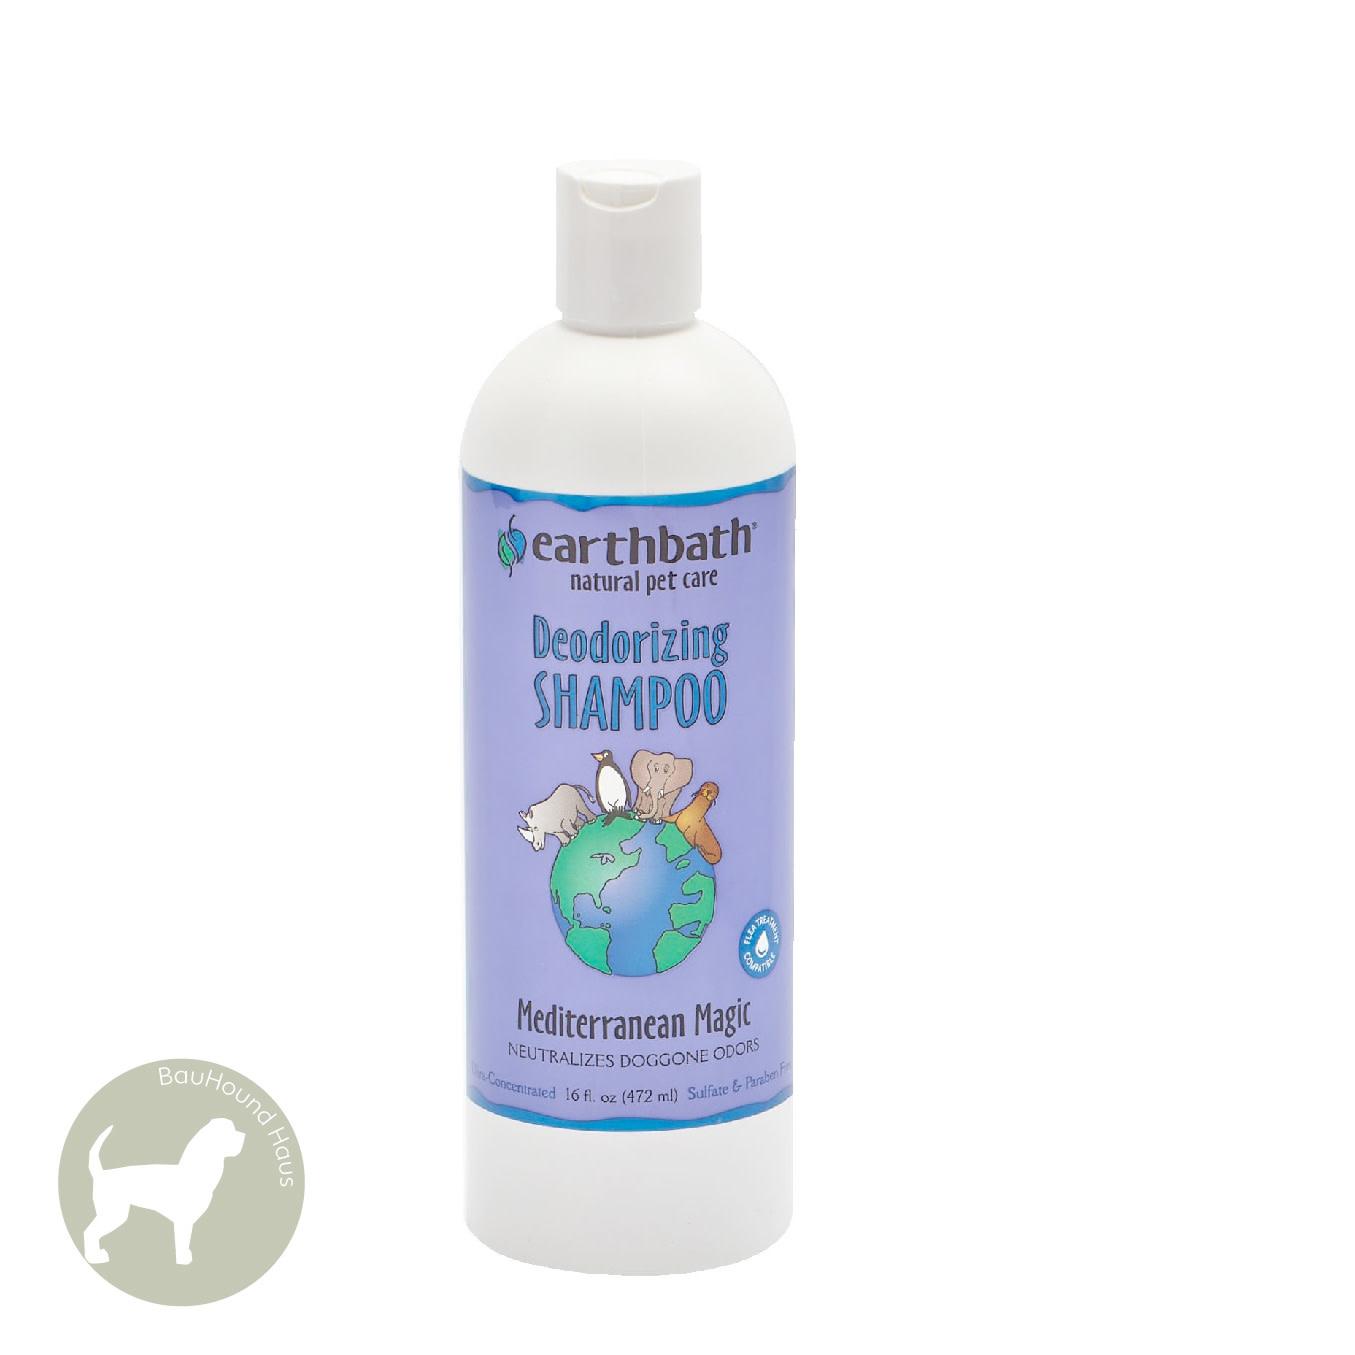 Earthbath Earthbath Mediterranean Magic Shampoo, 472ml